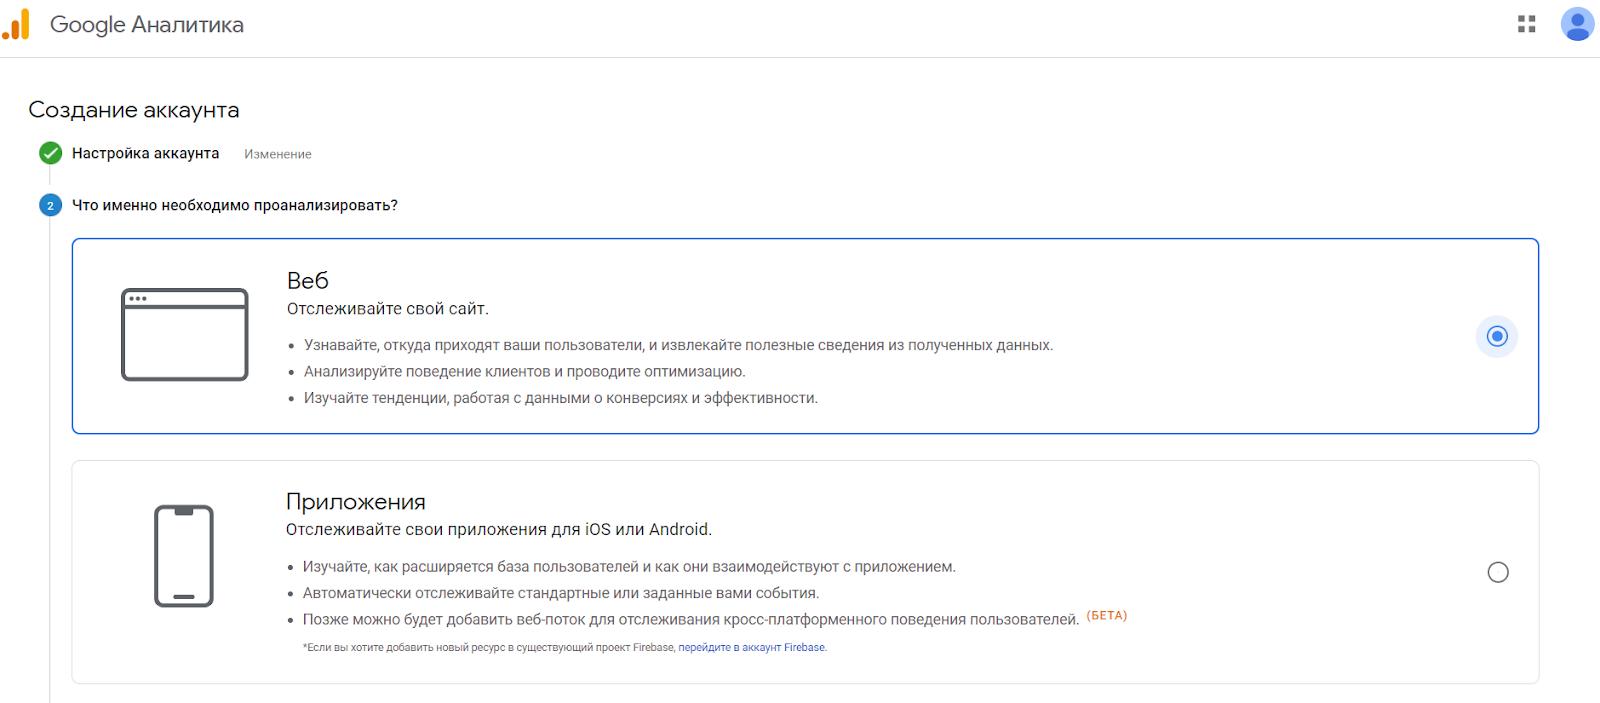 Как подключить Google Analytics к сайту 2